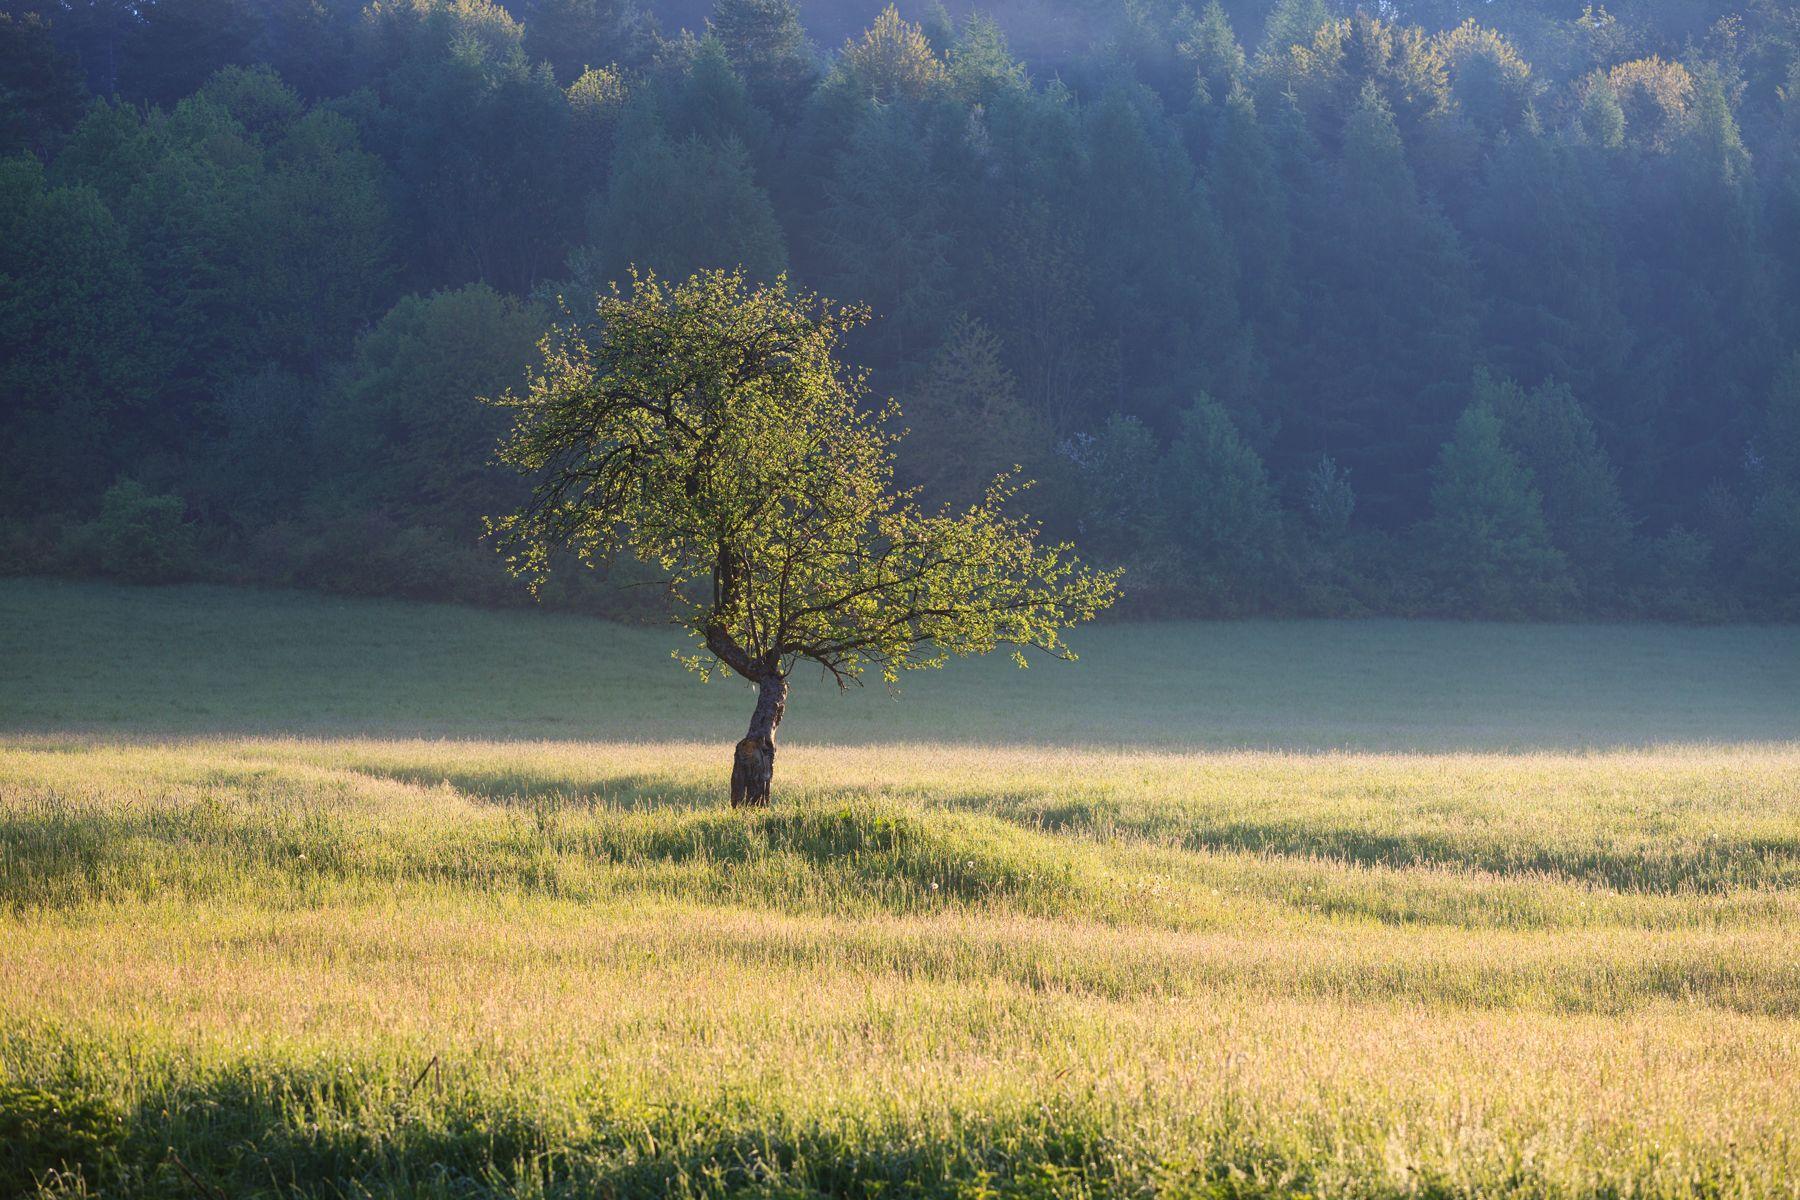 bieszczady, spring, mountains, green, sky, fog, morning, lanscape, tree,  Mirosław Pruchnicki